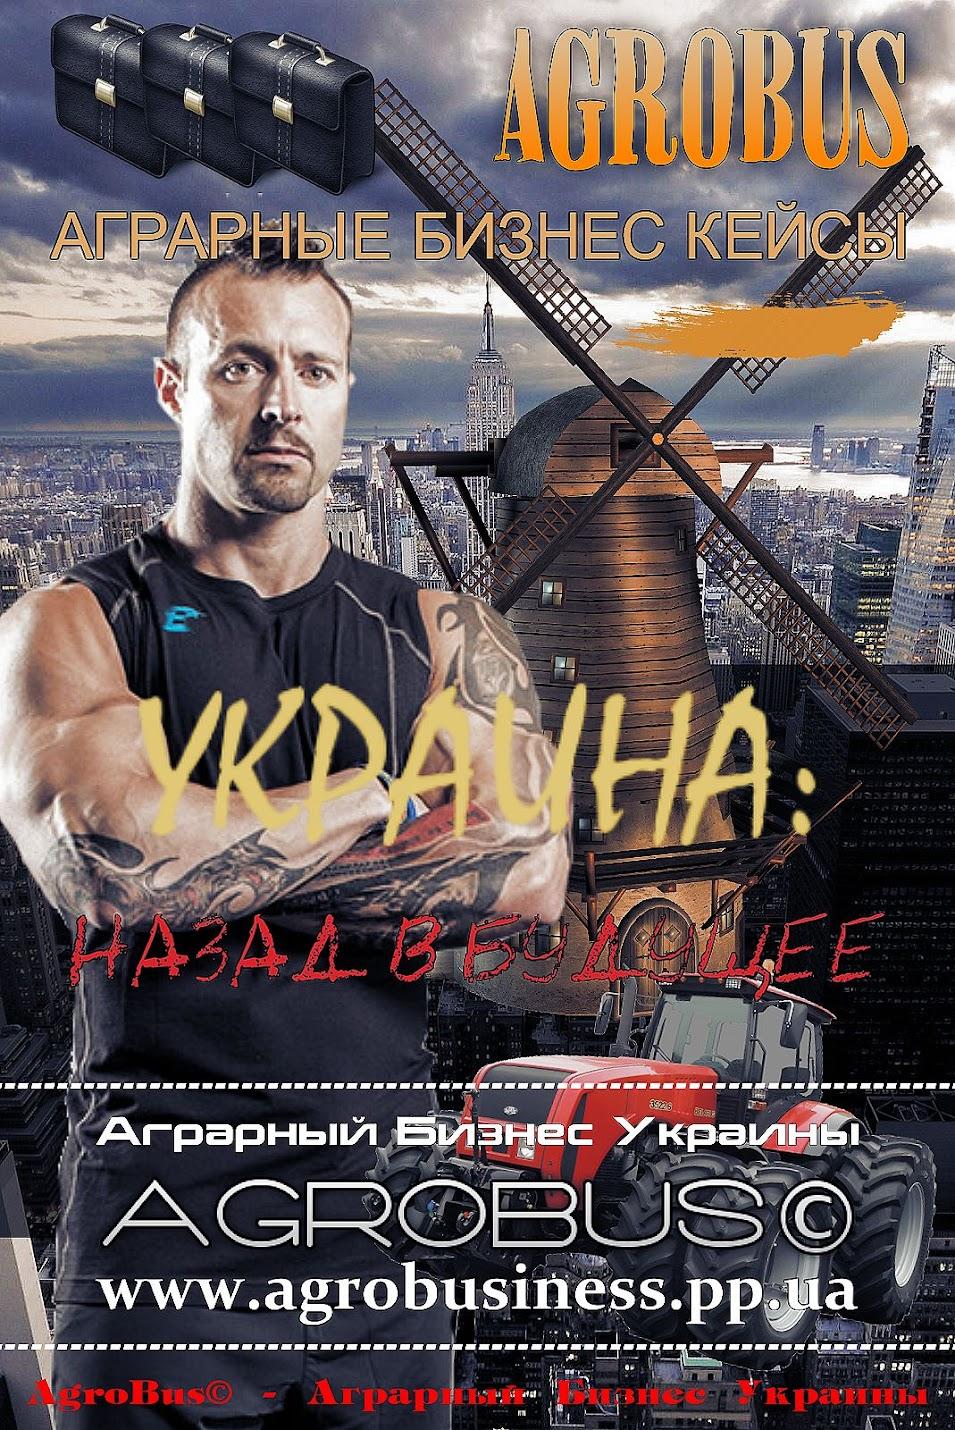 Аграрный бизнес Украины